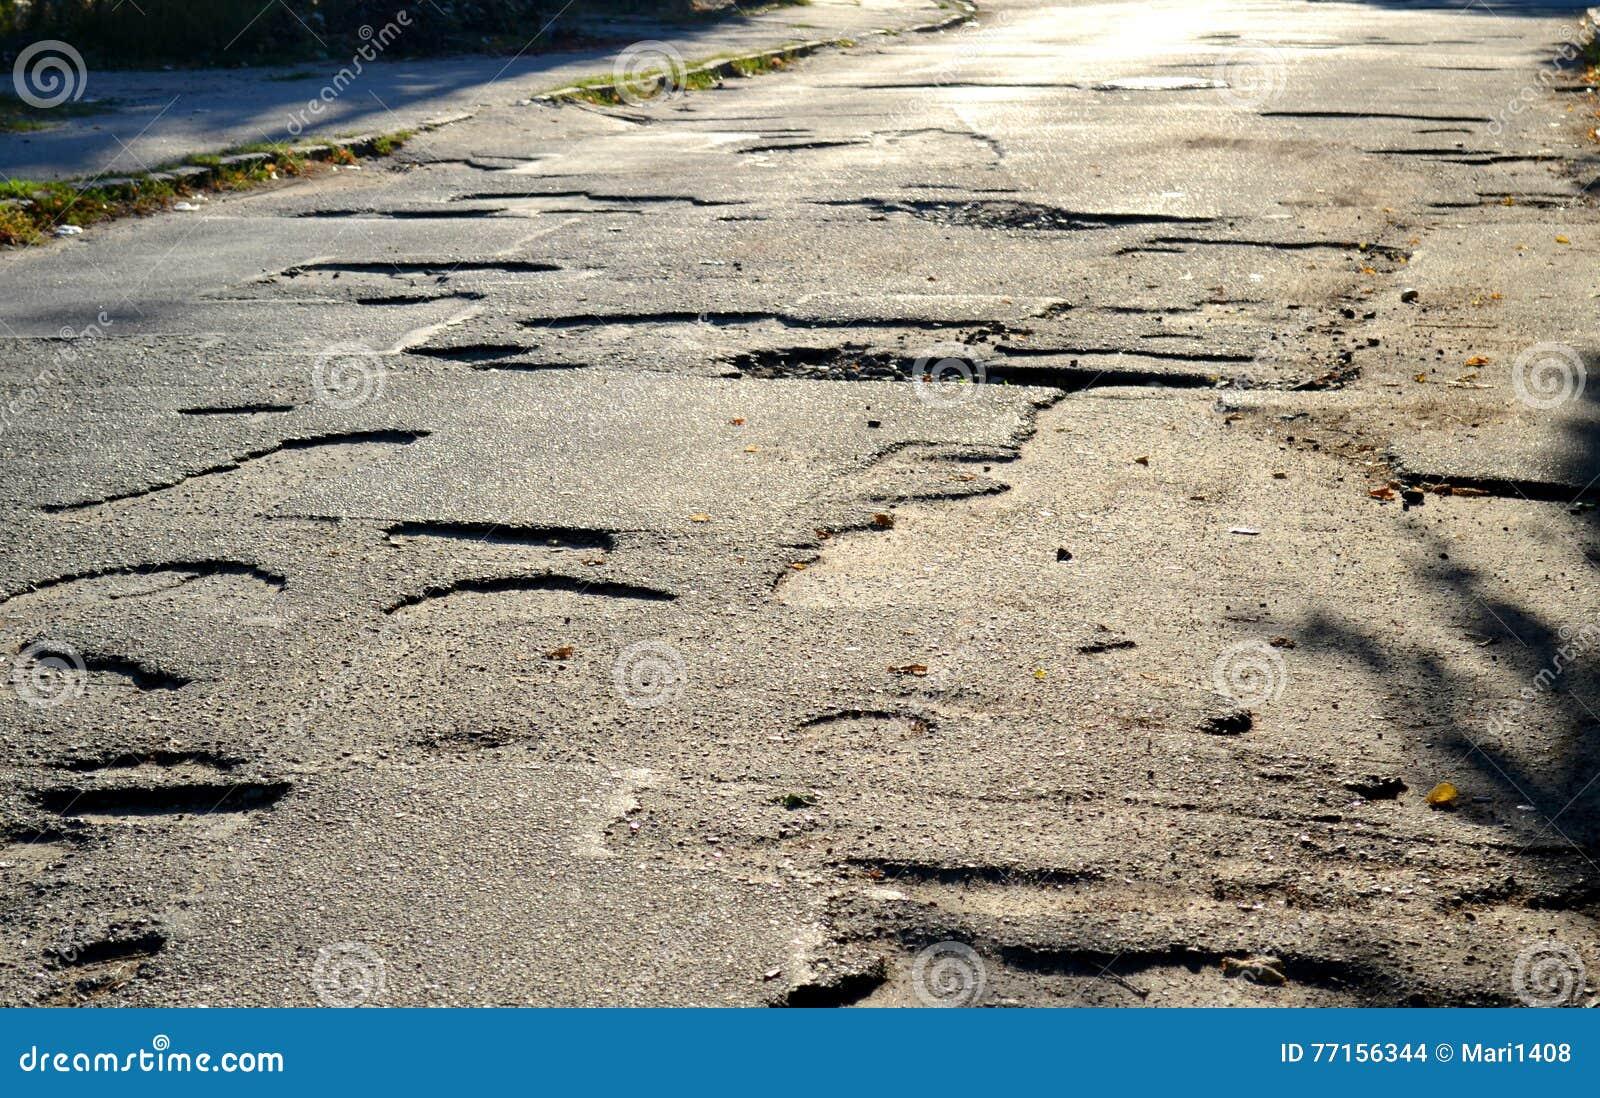 Puits sur les routes de l asphalte